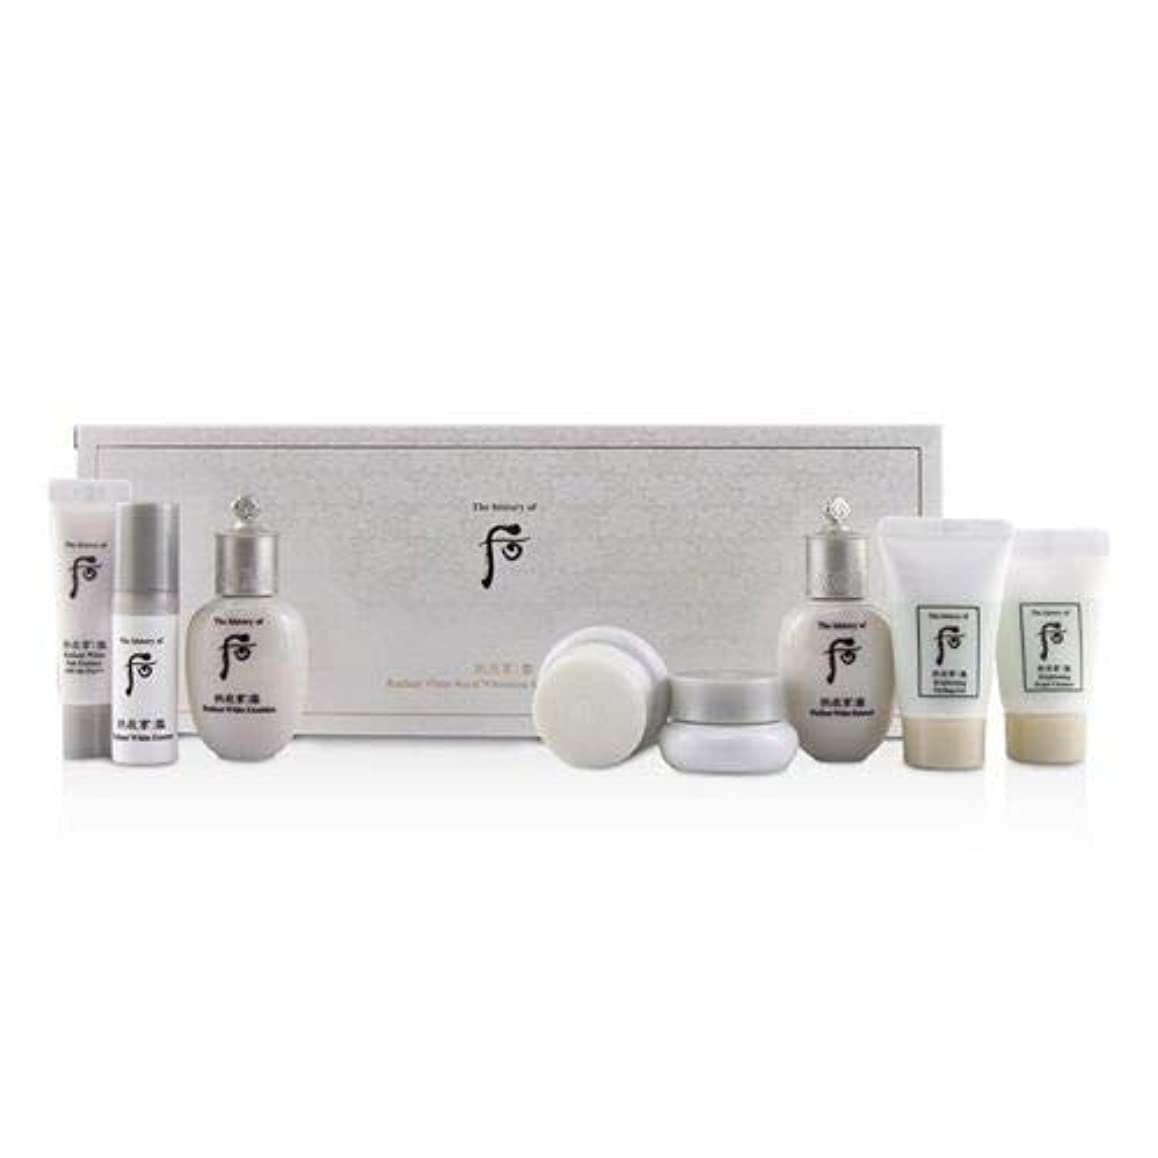 測る後ろに食物后 (The History Of 后) Gongjinhyang Seol Radiant Whitening 8 pcs Gift Set: Balancer 20ml + Emulsion 20ml + Essence 5ml + Mo 8pcs並行輸入品